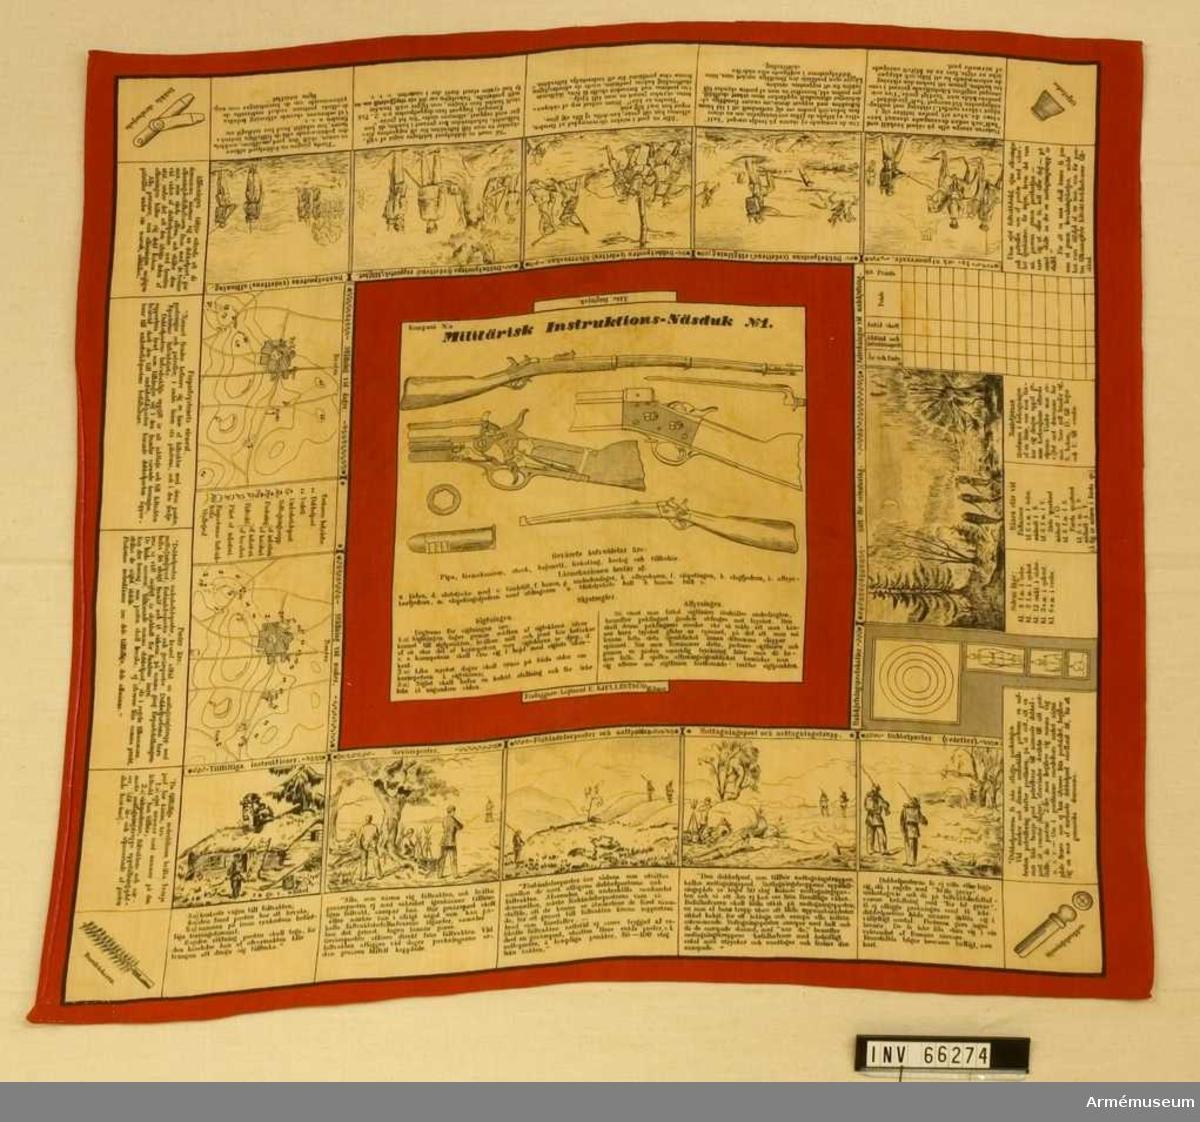 Grupp M V. Förlaga till text i mittfältet är hämtat ur Skjutinstruktion för infanteriet 1881. Texterna under bilderna är hämtade ur Instruktion för bevakningstjänsten 1881.